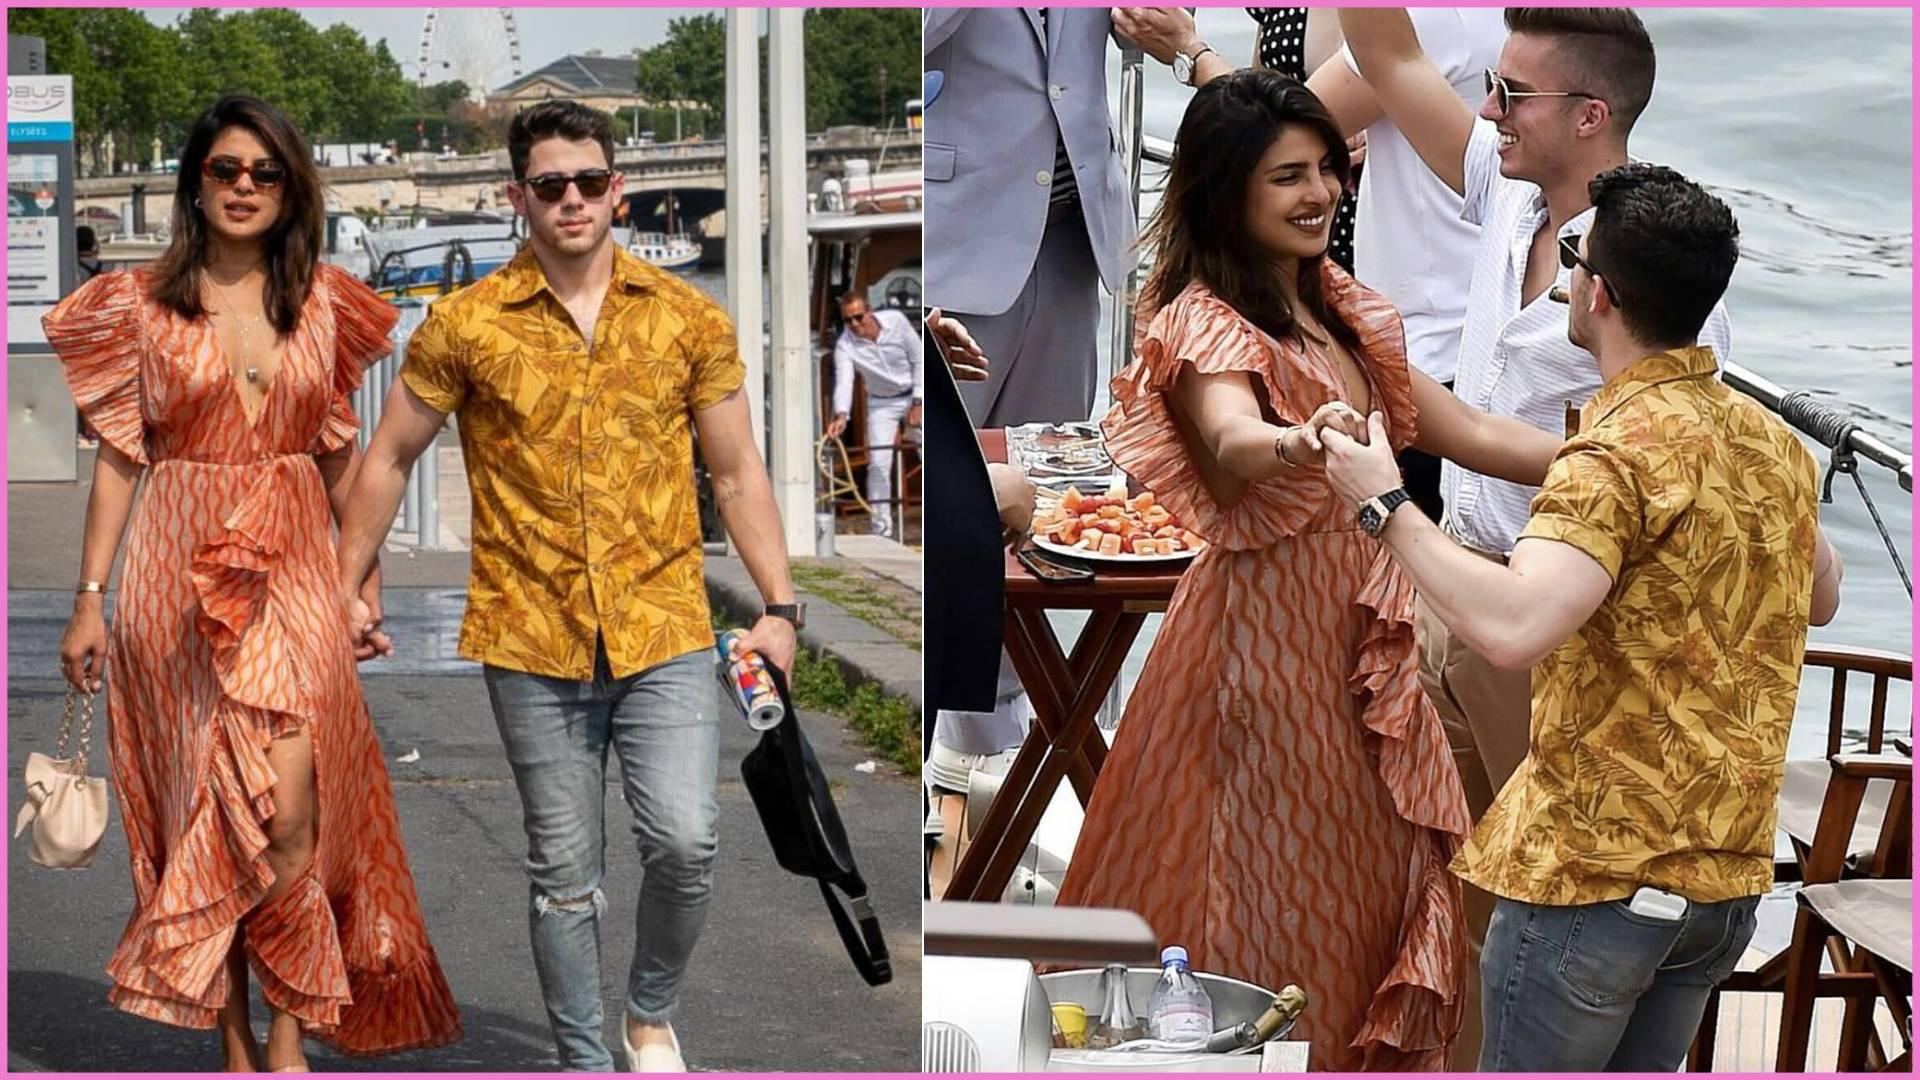 प्रियंका चोपड़ा-निक जोनस ने किया जो जोनस की शादी से पहले रोमांटिक डांस, एक बार फिर पब्लिकली किस करते आये नजर